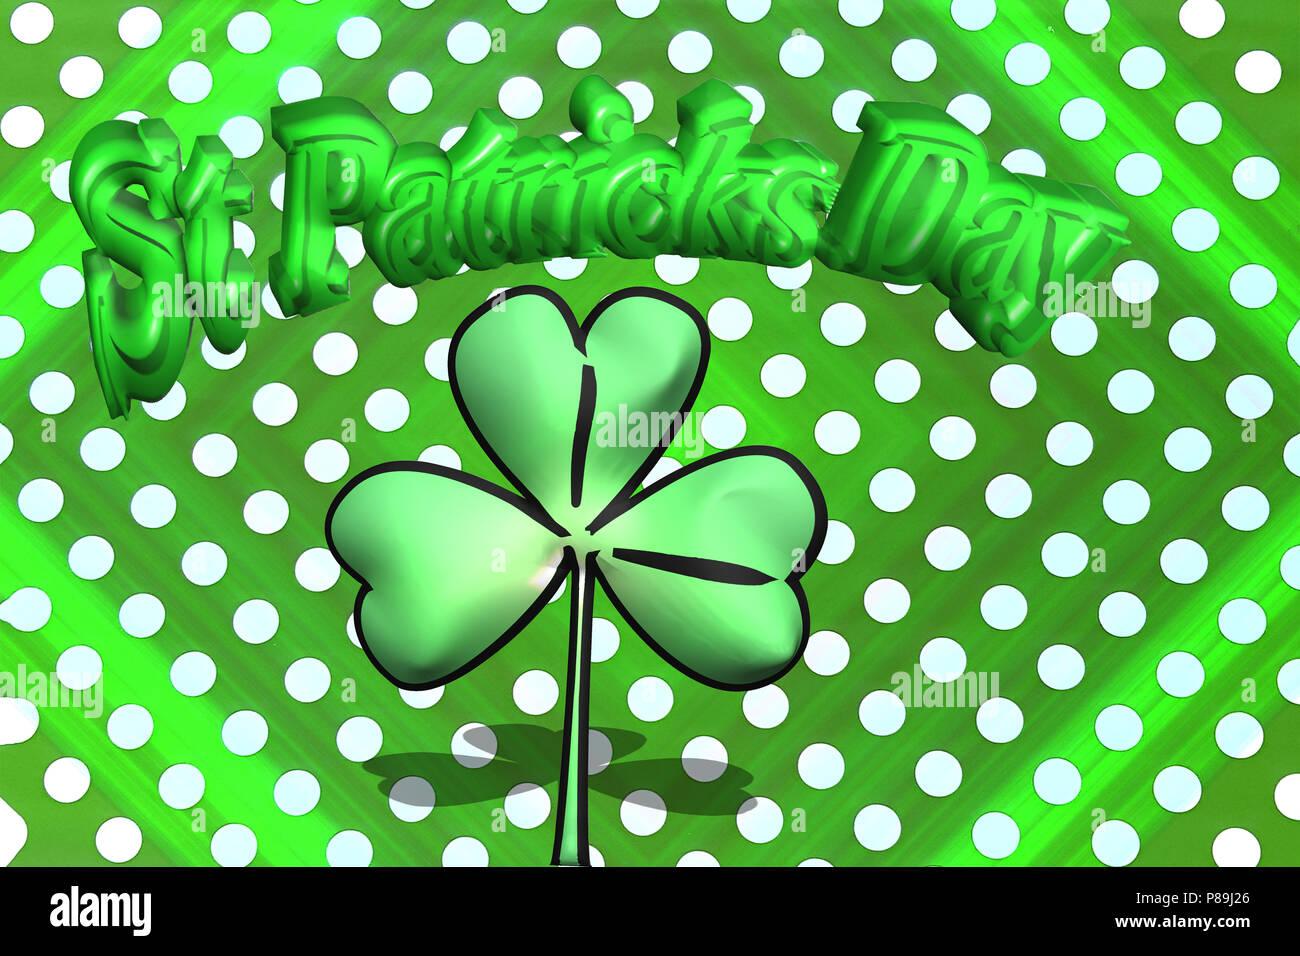 St. Patricks Tag Postkarte / Glückwunsch Karte mit Kleeblatt-Rahmen und Kleeblatt Wasserzeichen - Stock Image